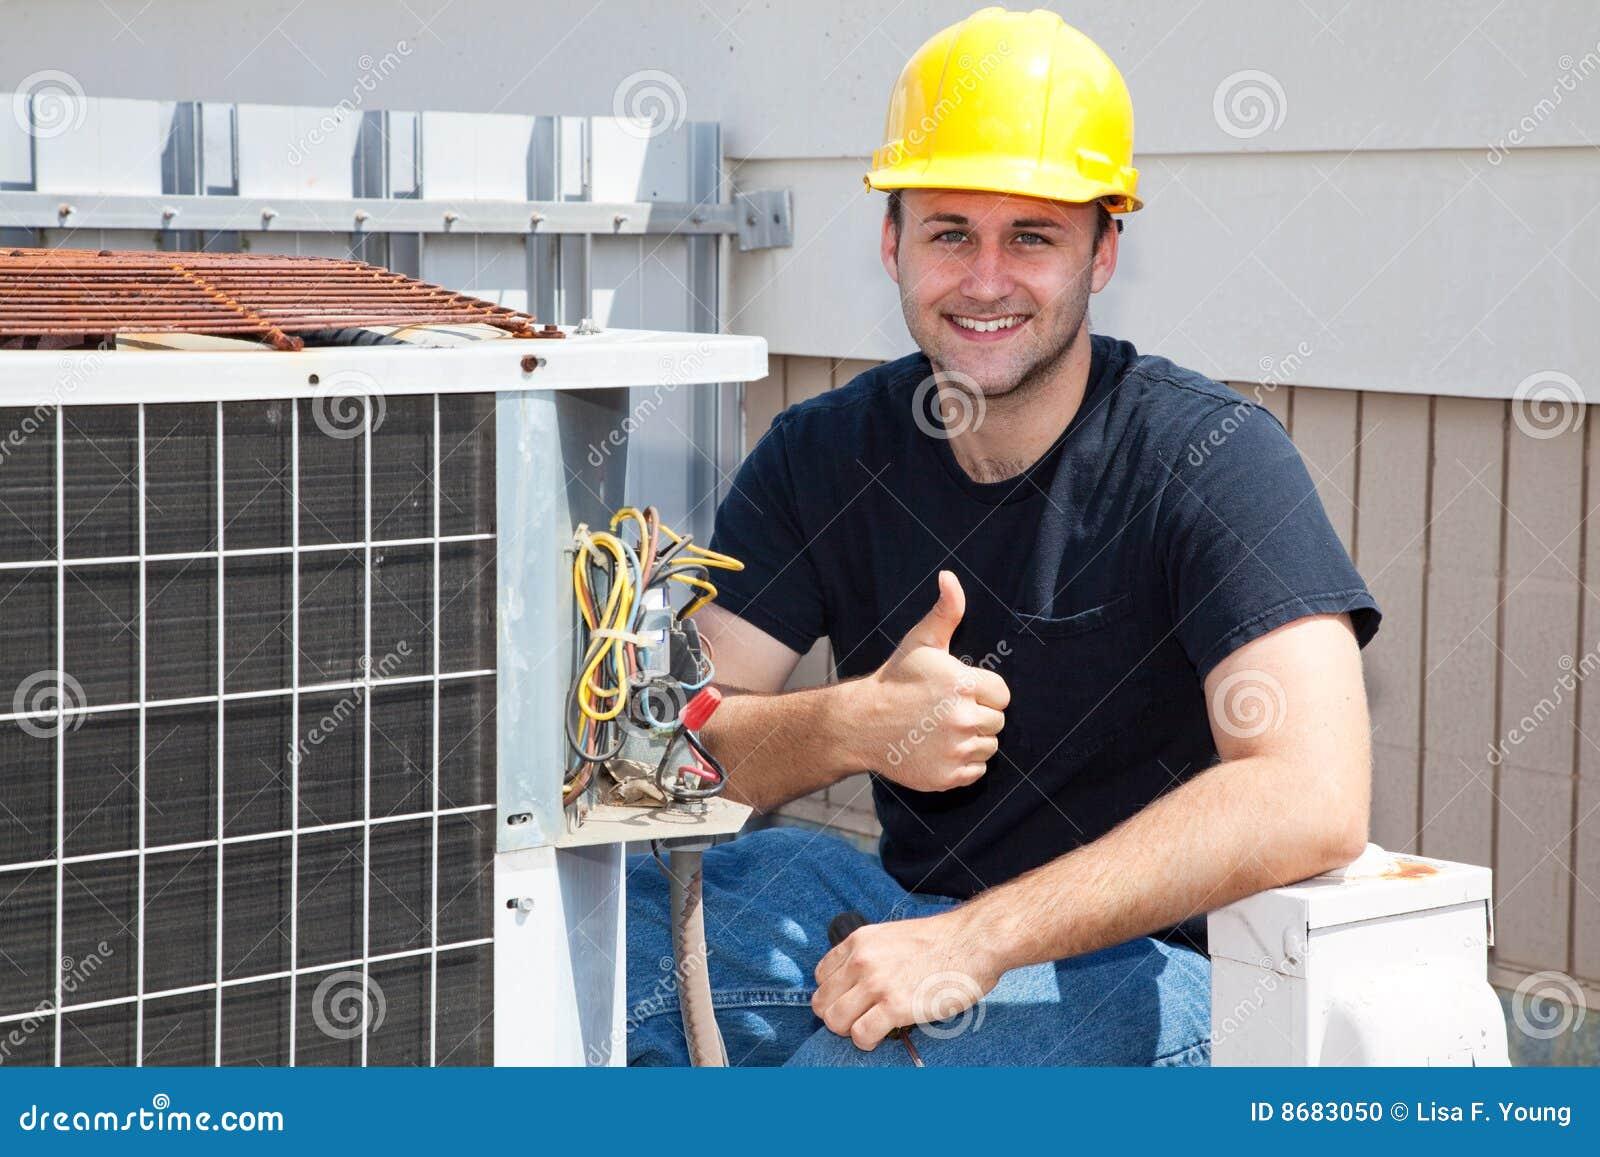 Air Condioner Repairman Thumbsup